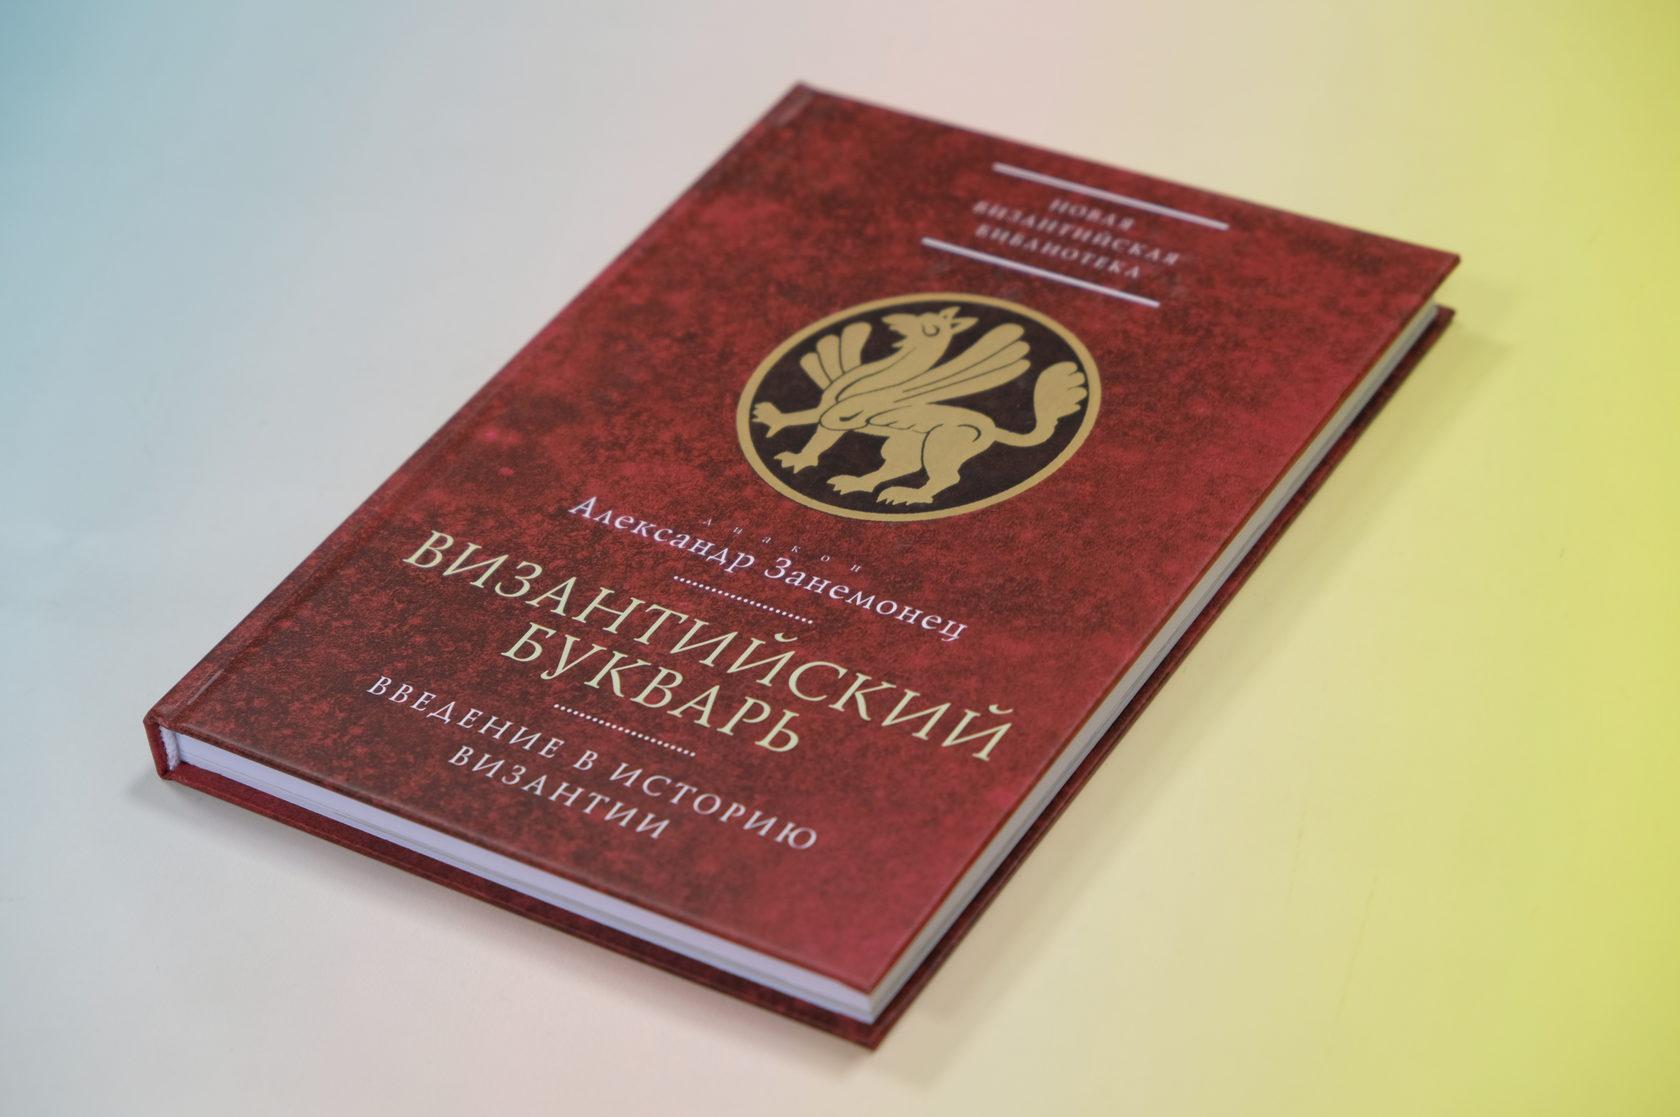 Александр Занемонец «Византийский букварь. Введение в историю Византии» 978-5-907189-46-1